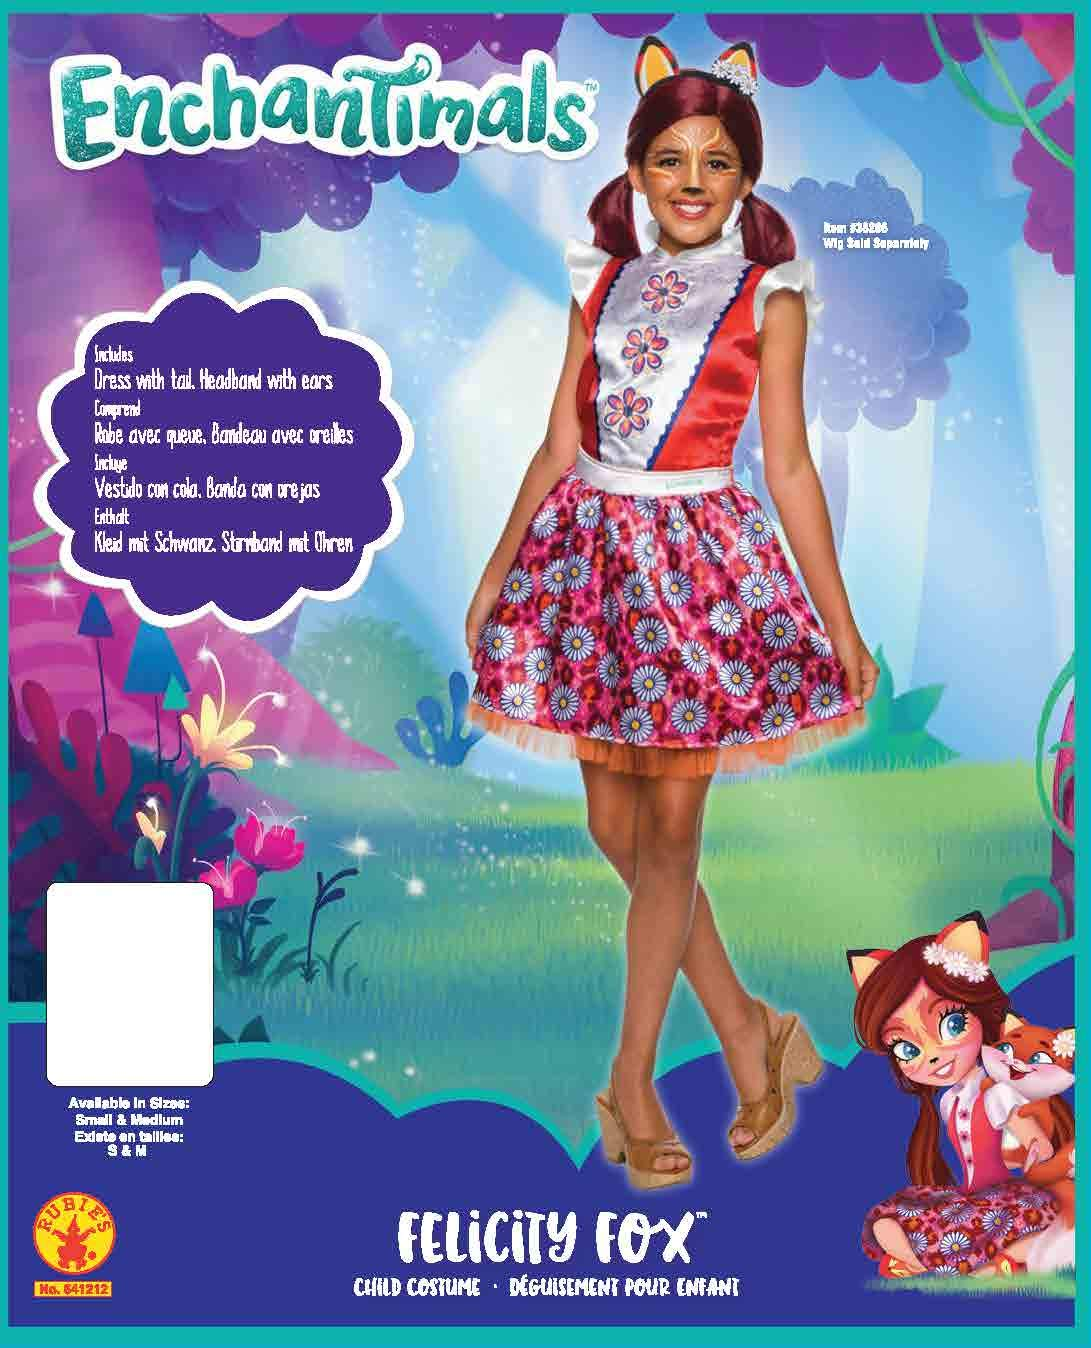 Enchantimals - Disfraz de Felicity Fox para niña, Talla 5-7 años (Rubies 641212-M): Amazon.es: Juguetes y juegos